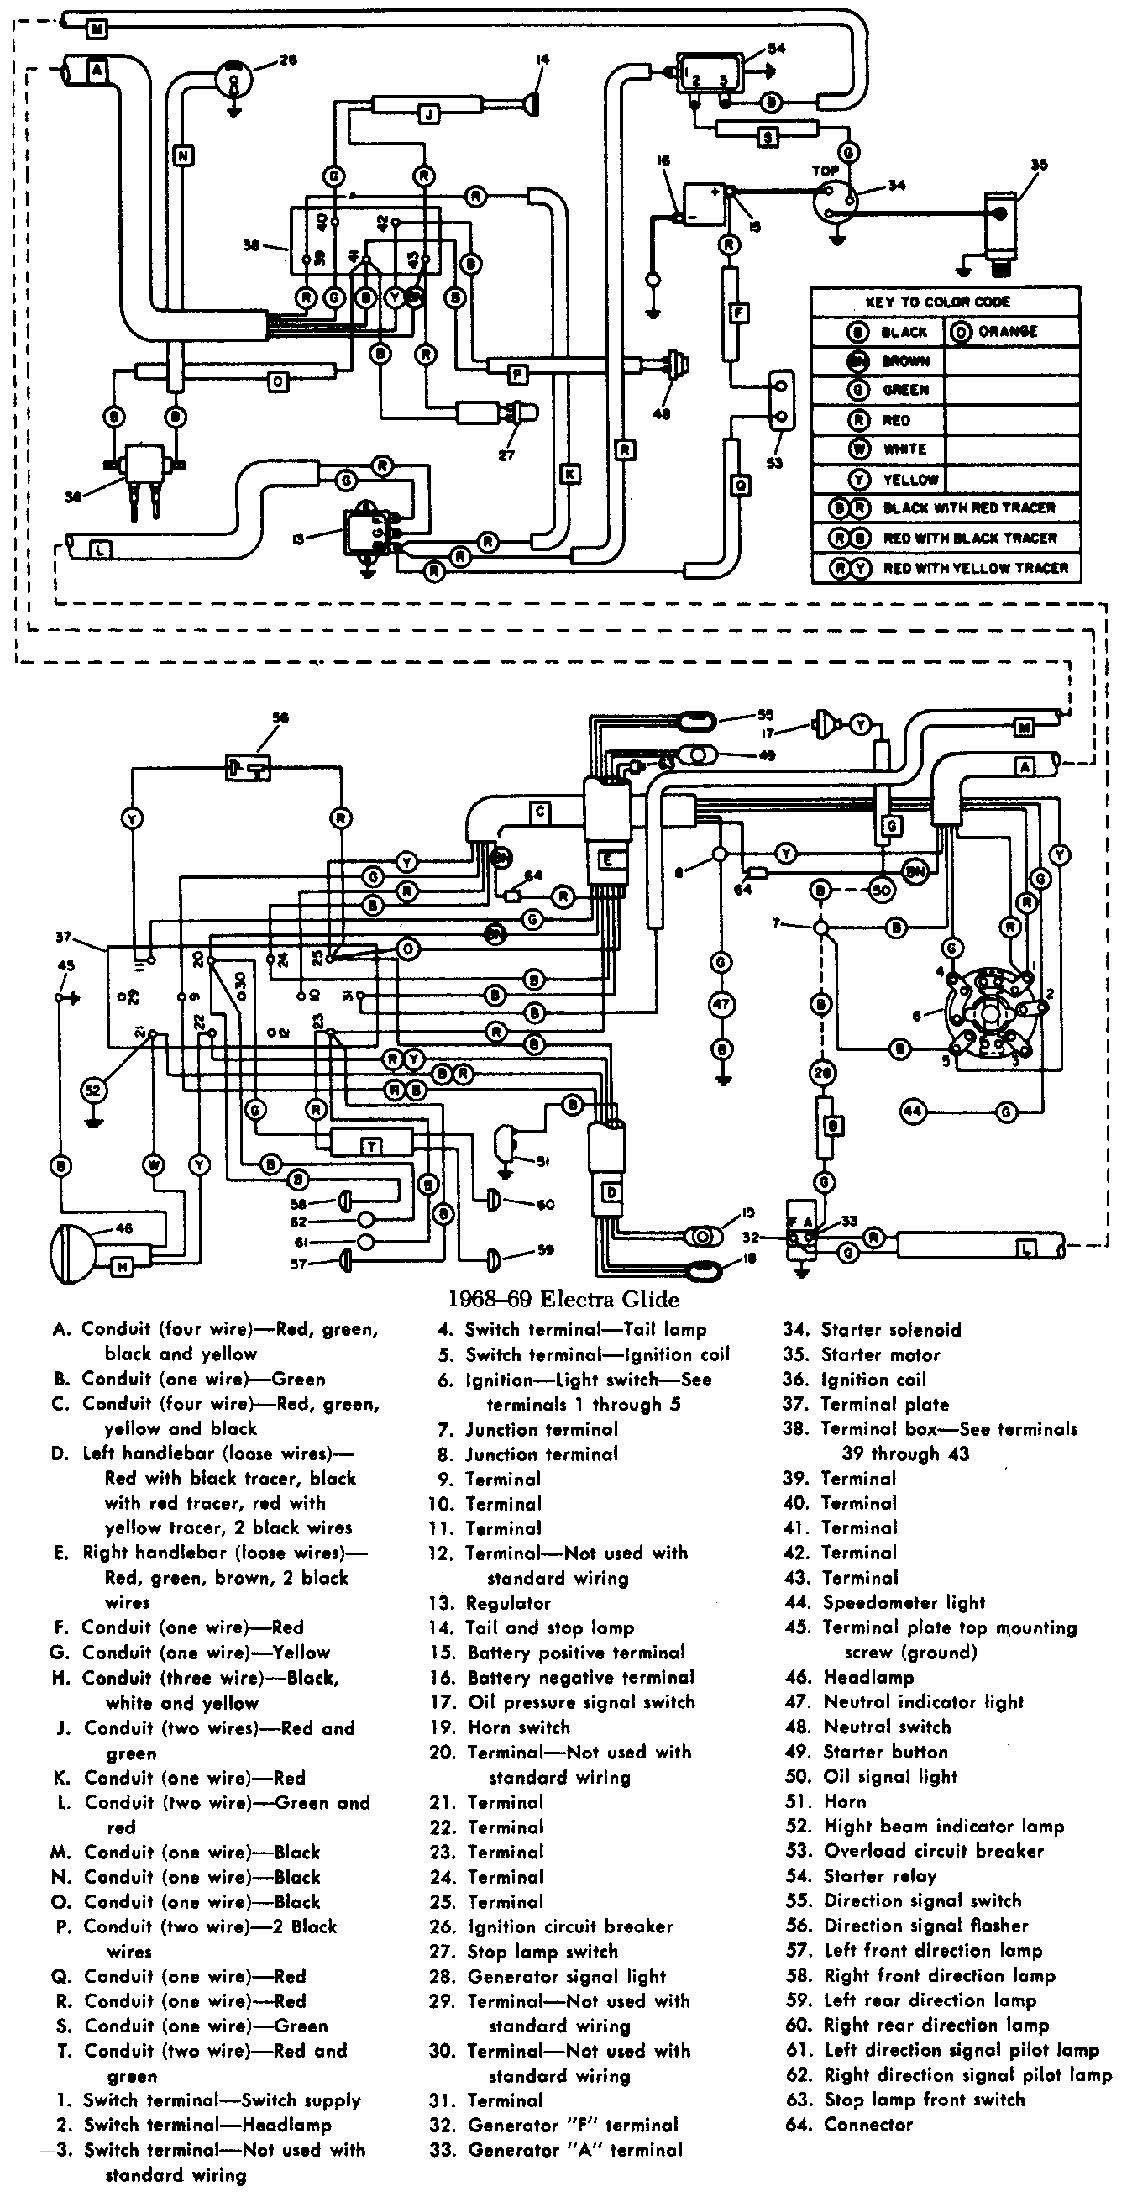 Diagrams For Harley Shovelhead Starter | Wiring Diagram on